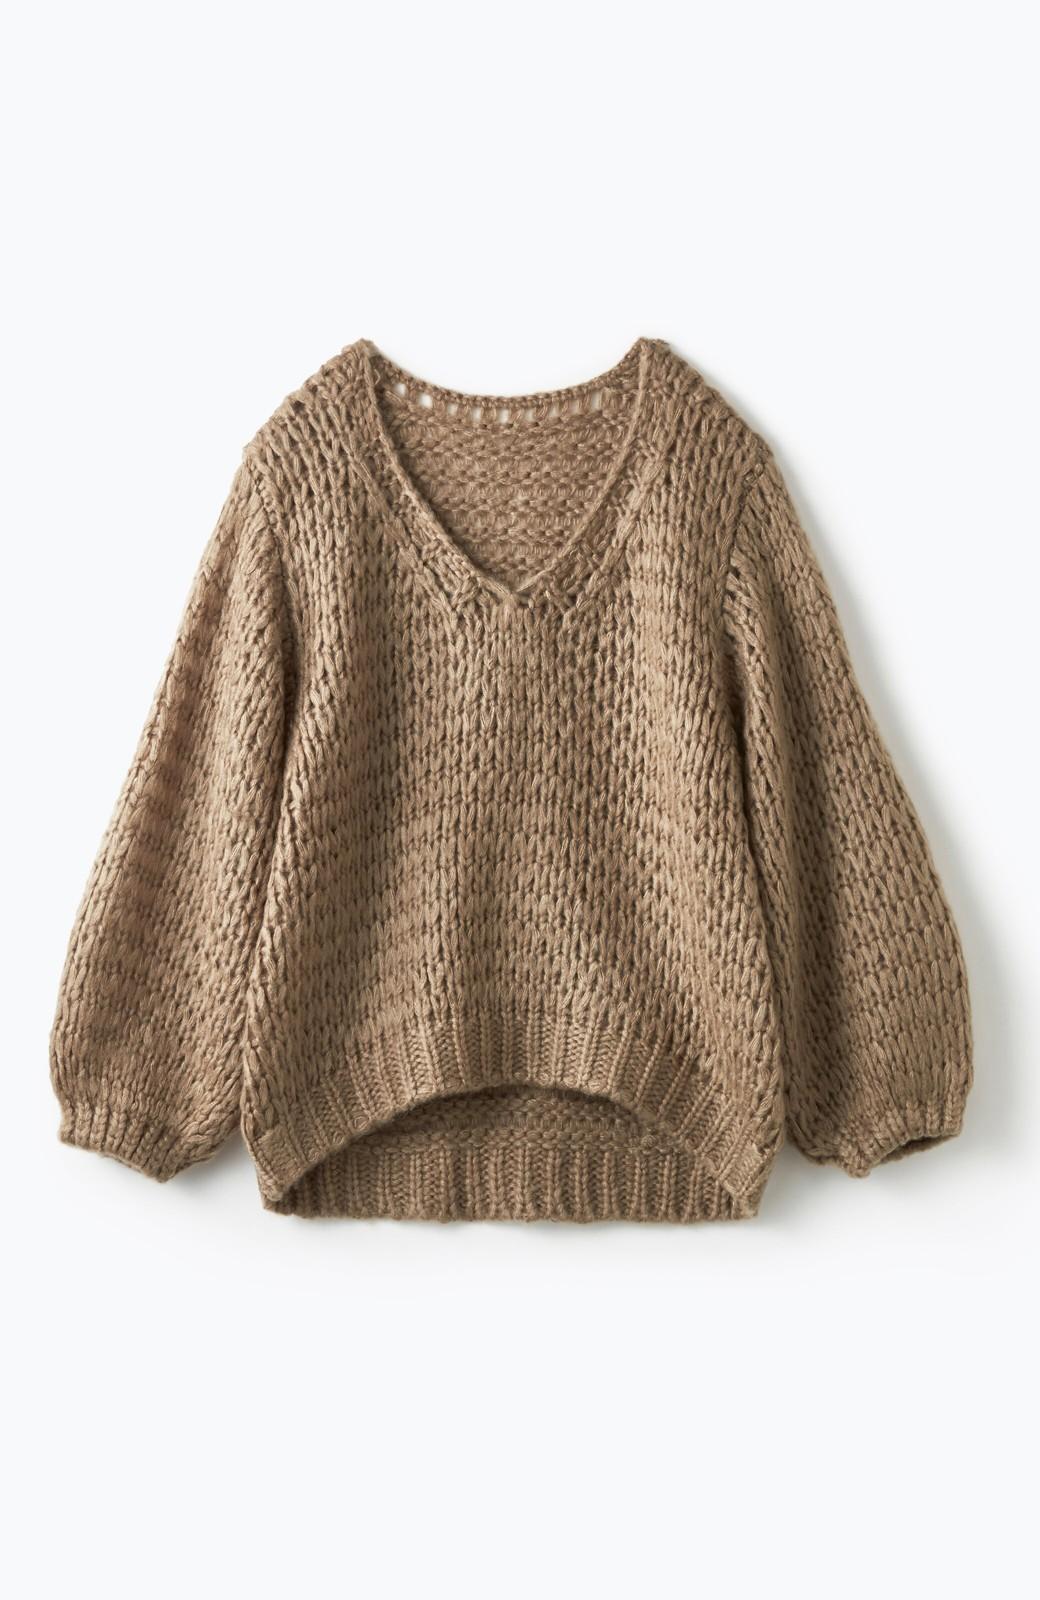 haco! 手編み風のざっくり感で女っぽい Vネックの甘編みルーズニット <グレイッシュベージュ>の商品写真1